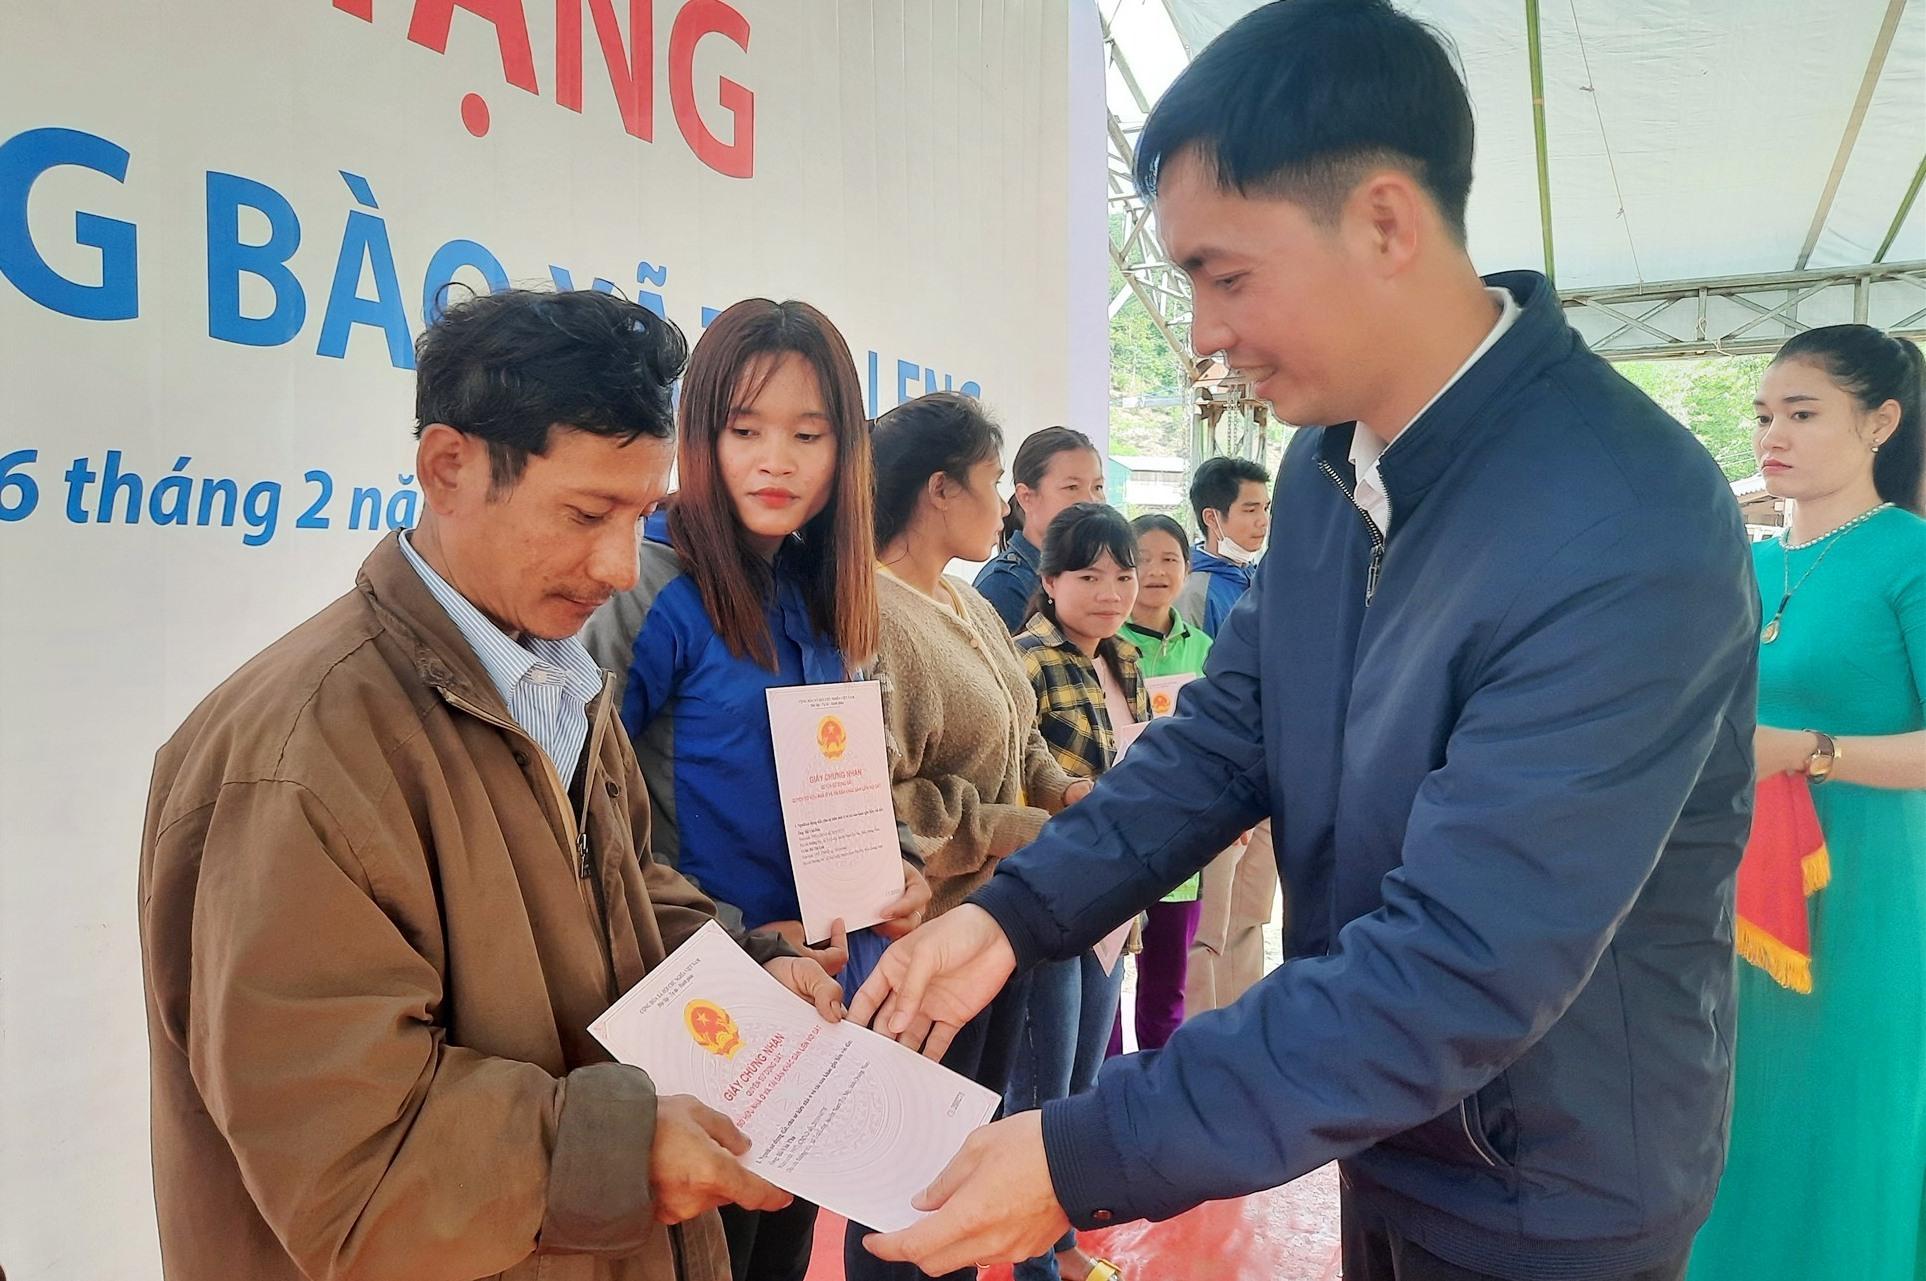 Trao giấy chứng nhận quyền sử dụng đất cho 30 hộ dân bị thiệt hại do sạt lở ở Trà Leng. Ảnh: Đ.ĐẠO